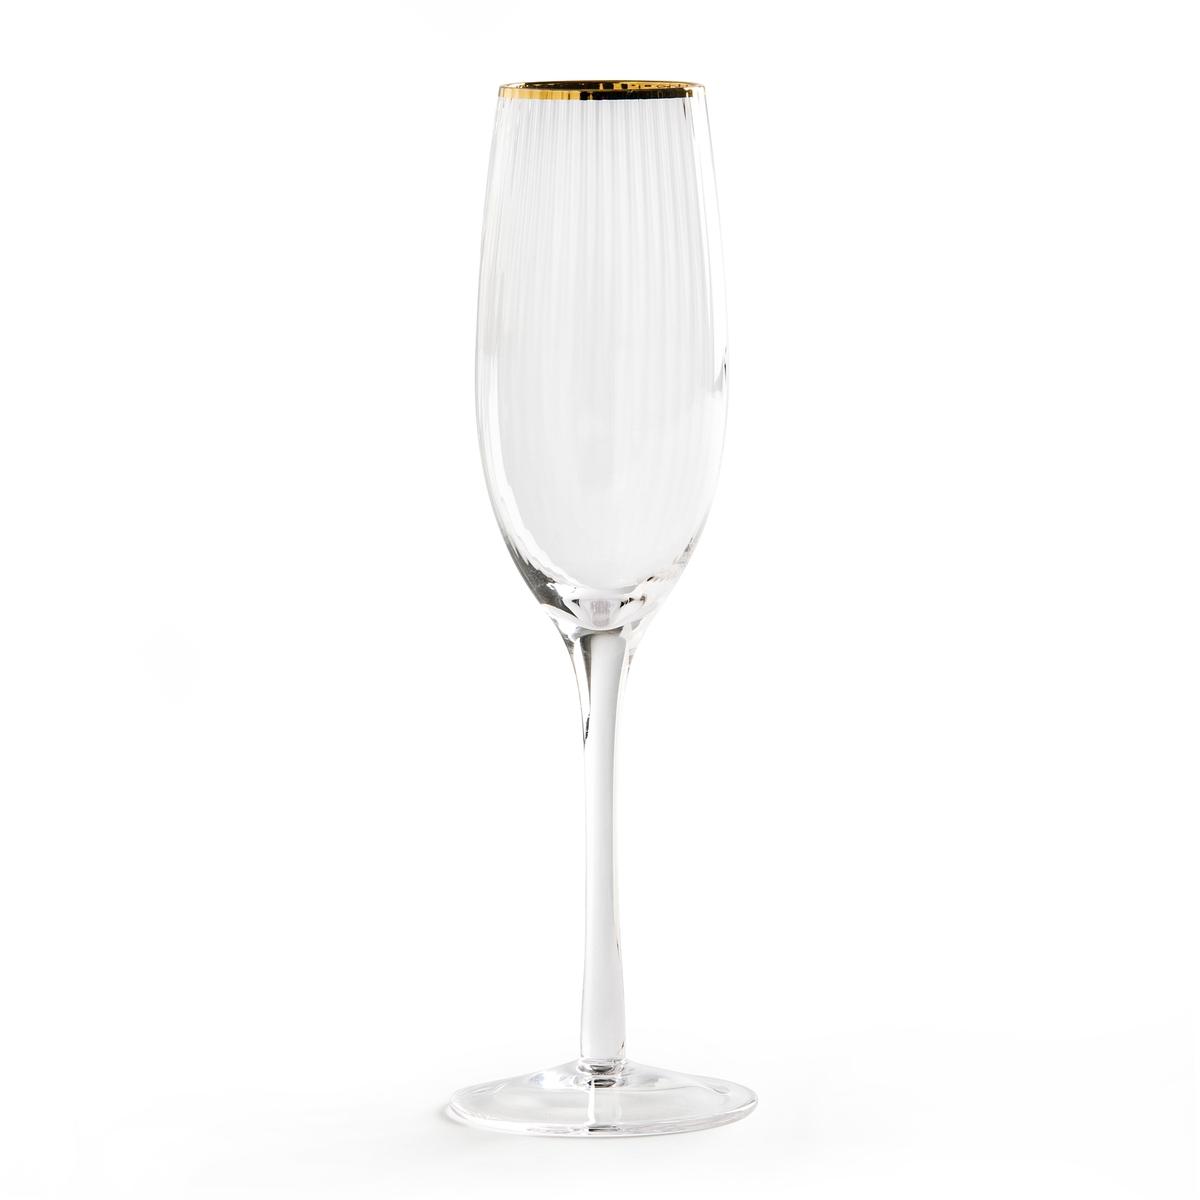 Бокала La Redoute Для шампанского Lurik единый размер другие бокала la redoute для воды armoy единый размер другие